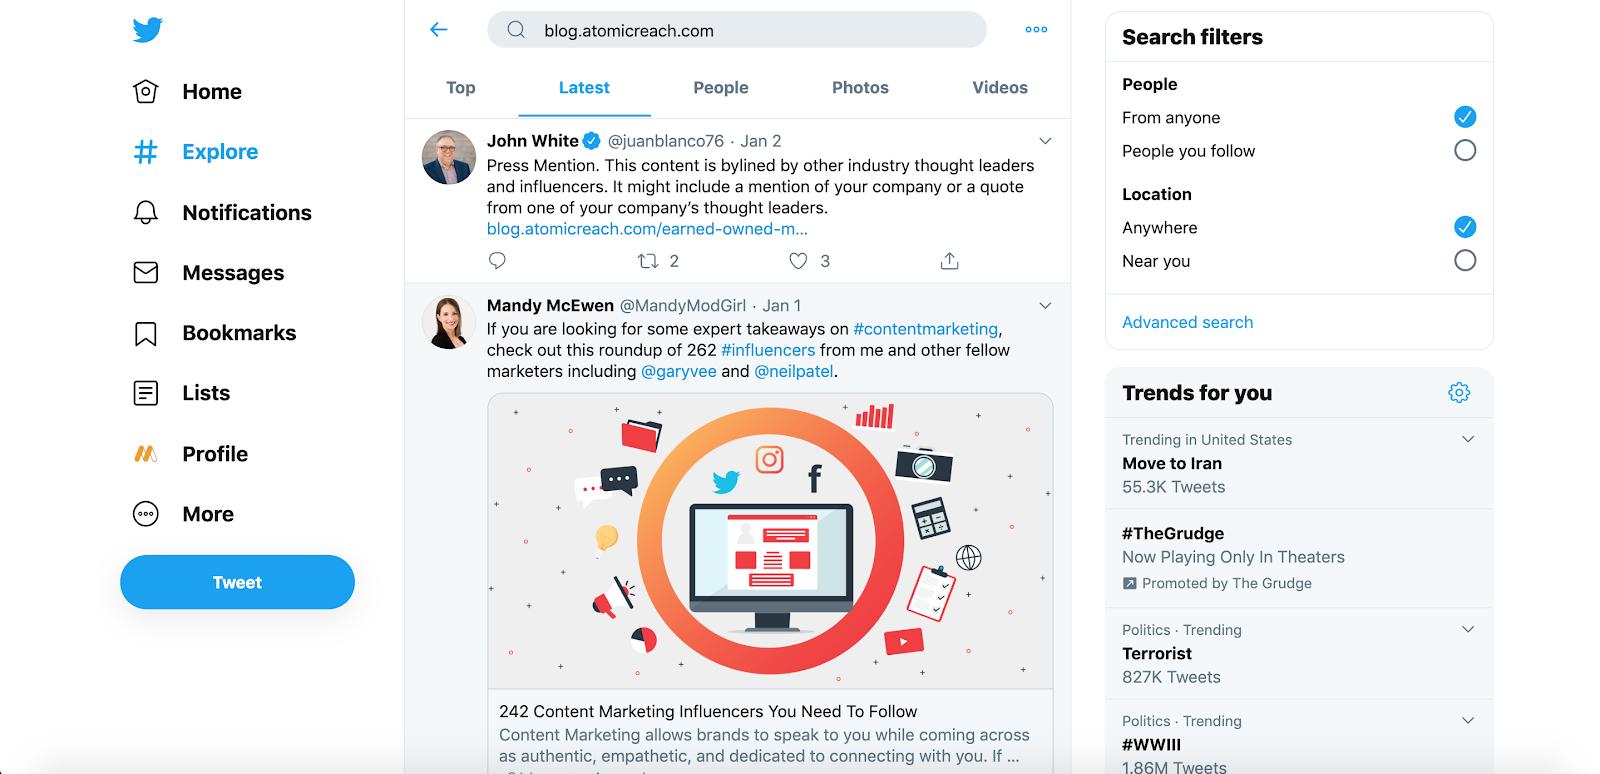 organic-twitter-hacks-url-search twitter hacks Twitter social media hacks social media organic twitter hacks